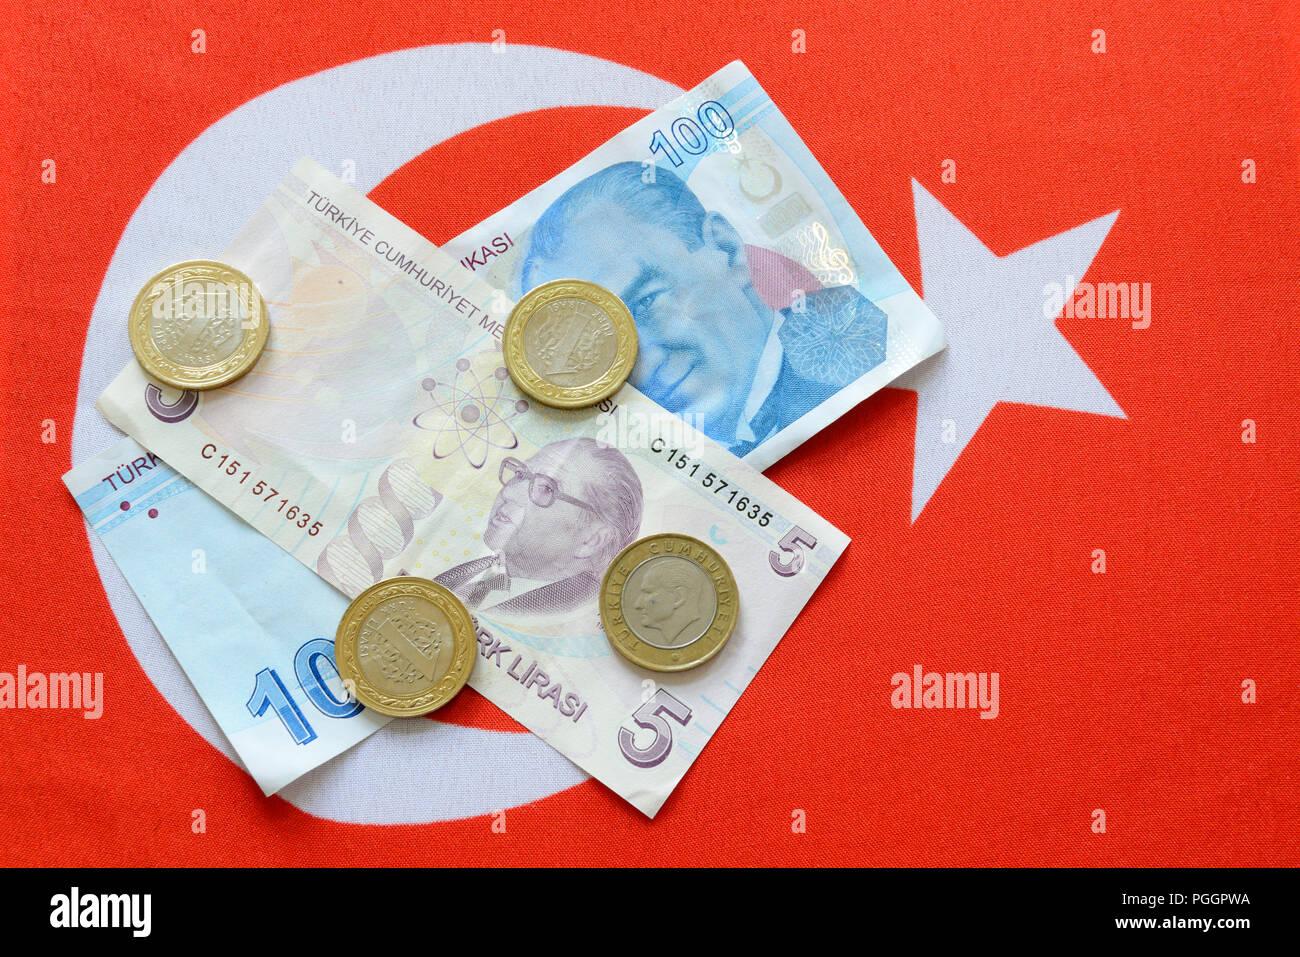 La Lira turca di banconote e monete sulla bandiera turca. La Lira turca è la moneta nazionale della Turchia. Immagini Stock